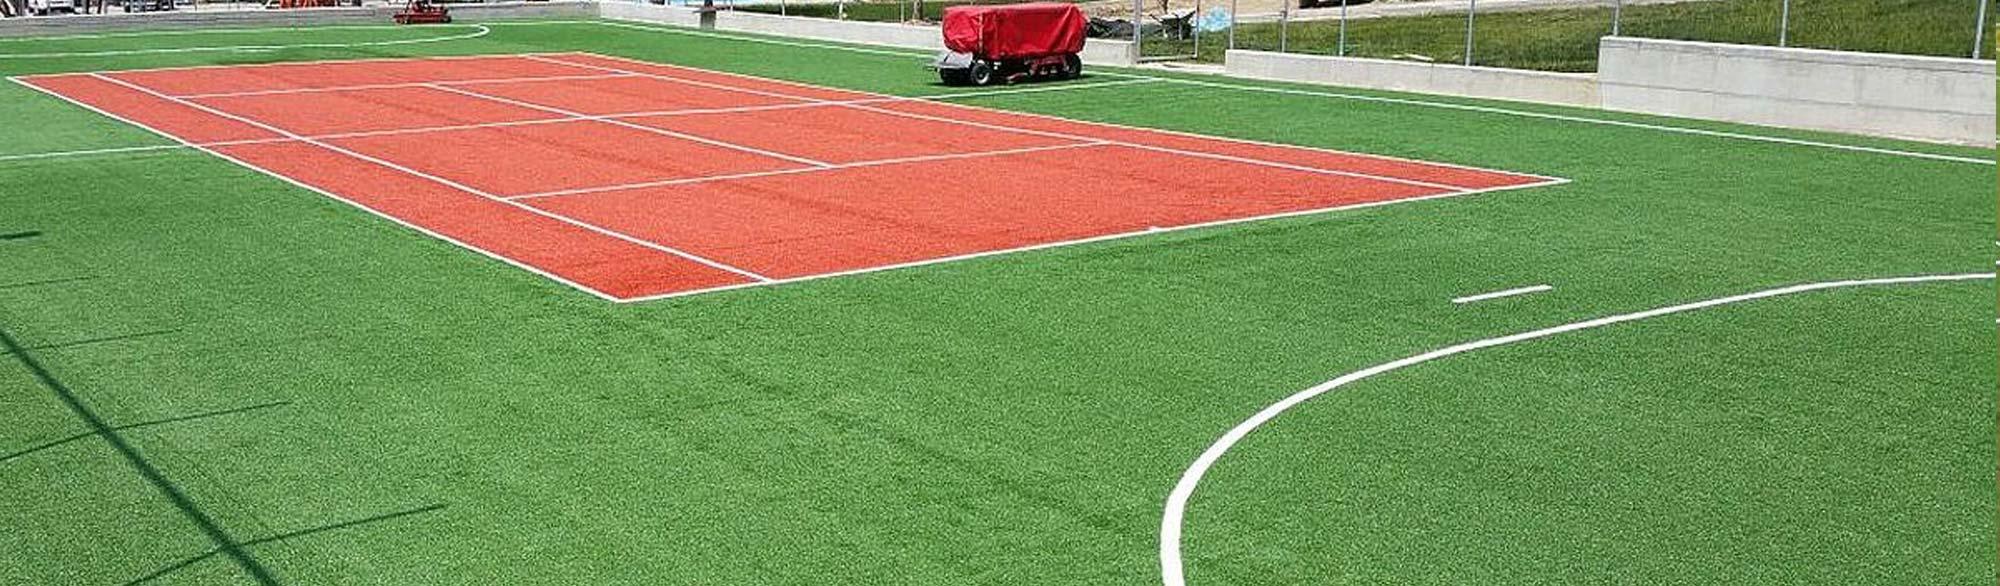 Gazon artificial teren multisport